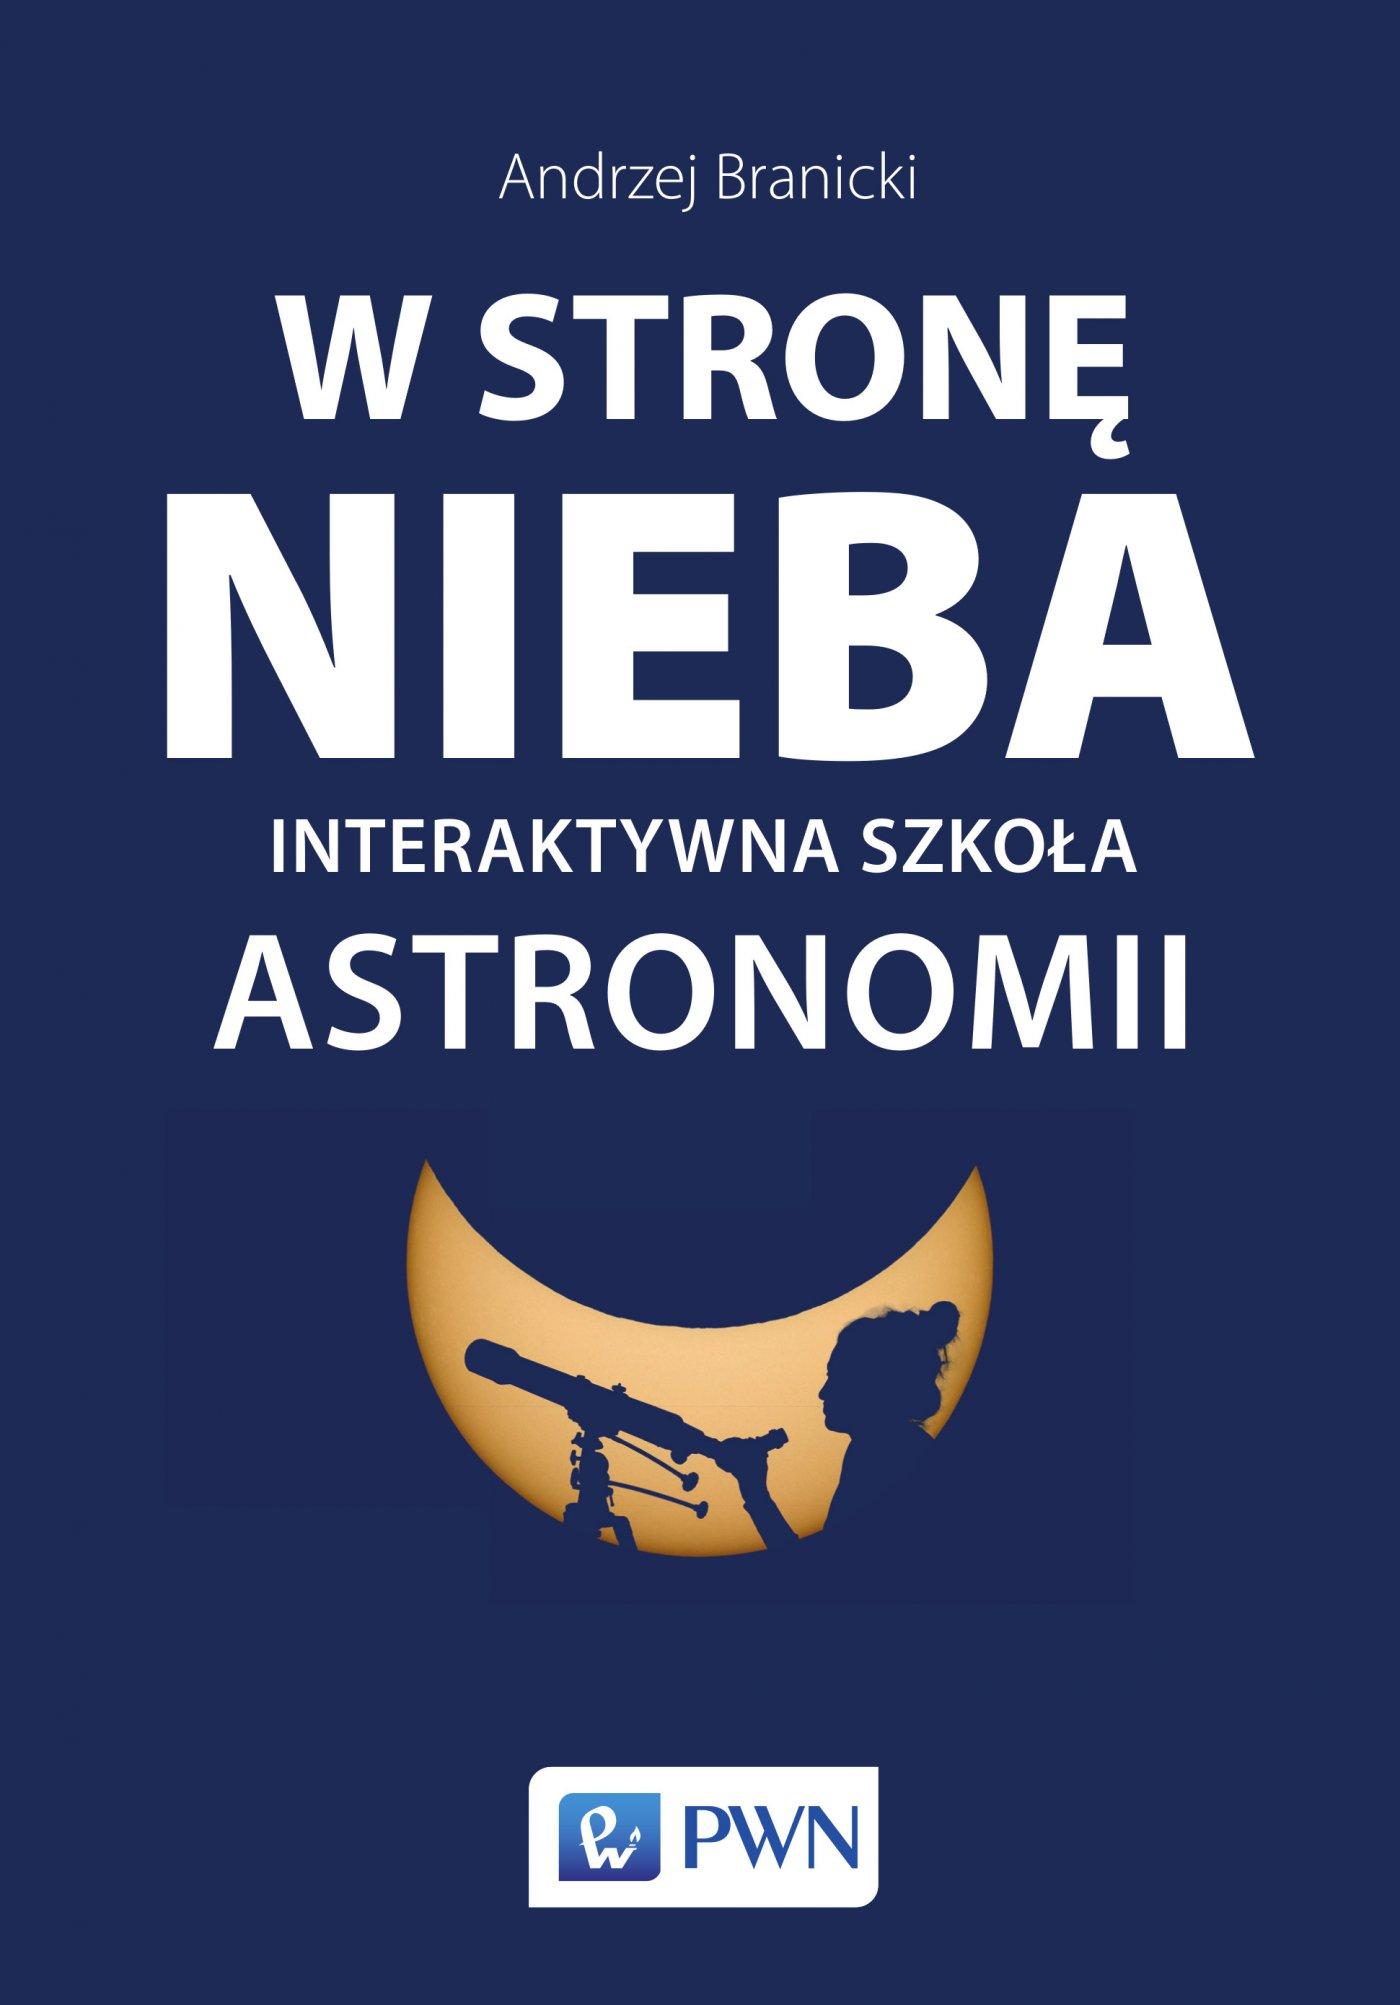 W stronę nieba: Interaktywna szkoła astronomii - Ebook (Książka EPUB) do pobrania w formacie EPUB